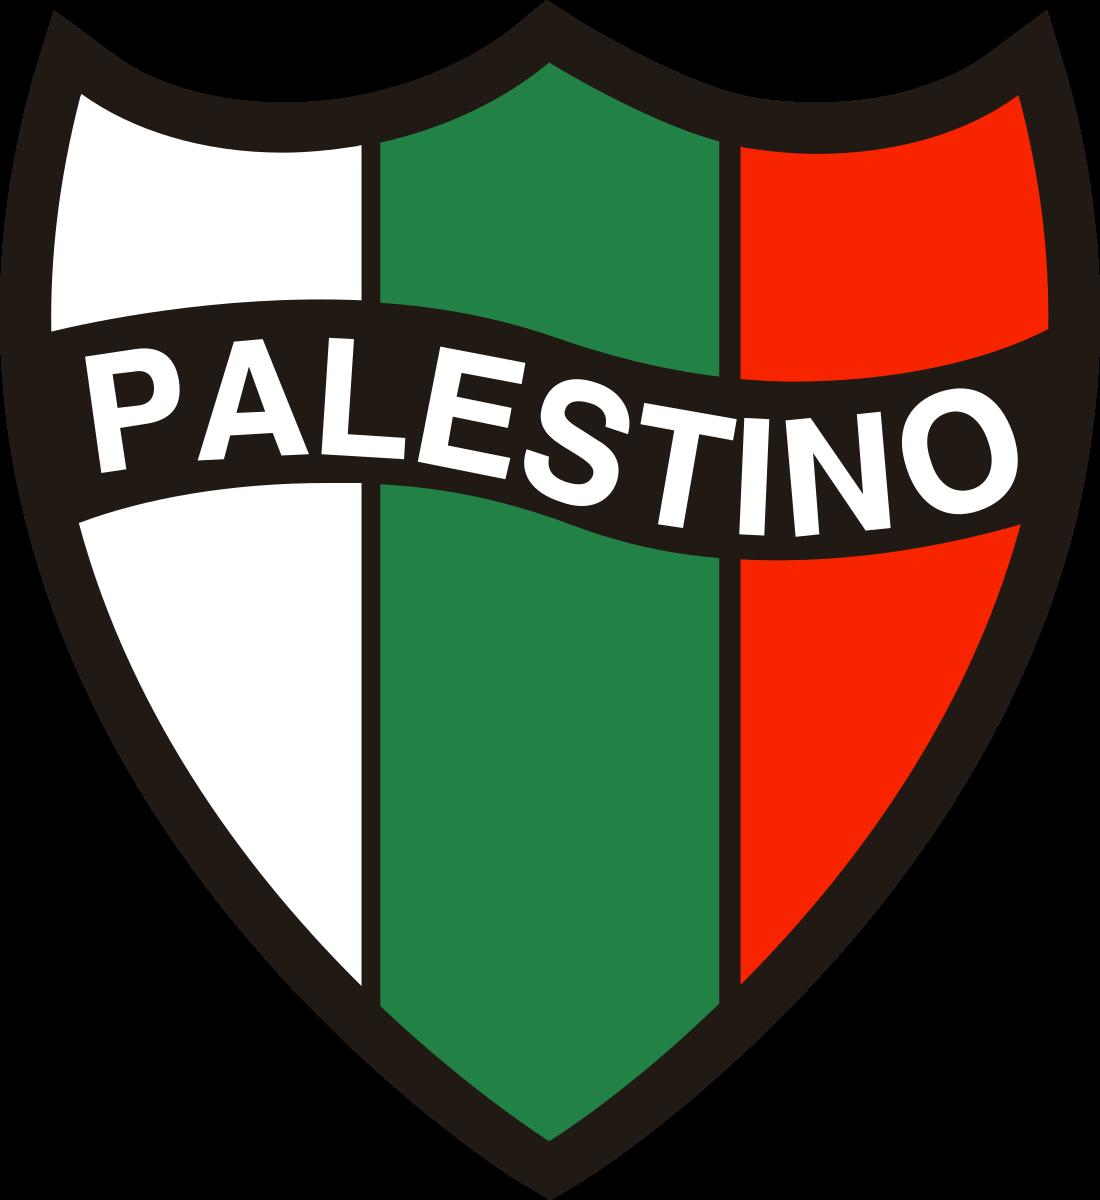 palestino logo escudo 3 - Palestino Logo - Club Deportivo Palestino Escudo